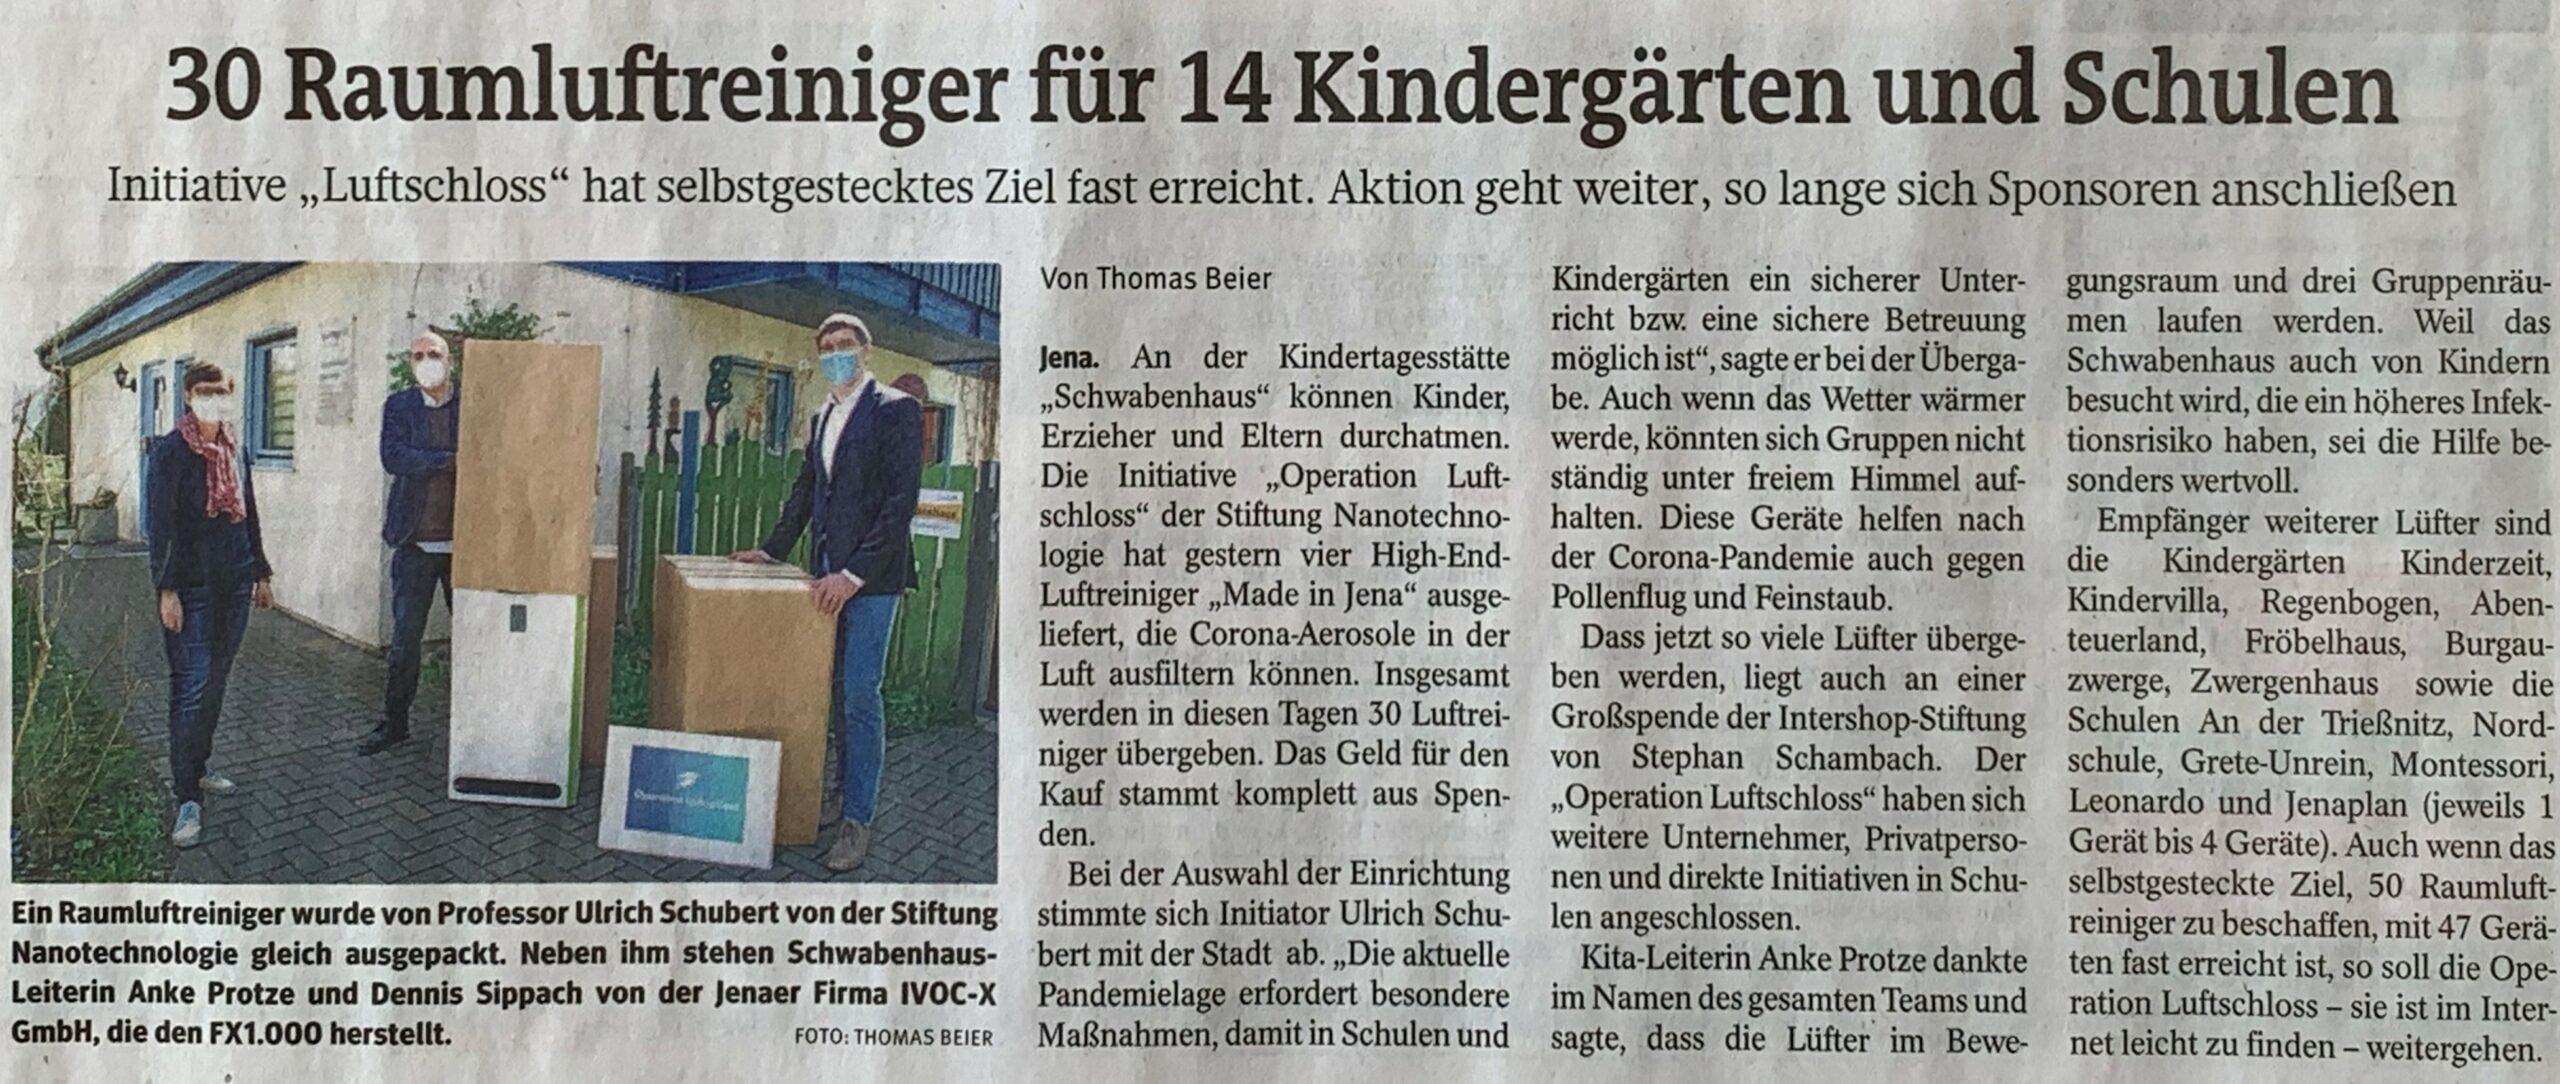 30 High-End-Luftreiniger Für Jenaer Kitas & Schulen